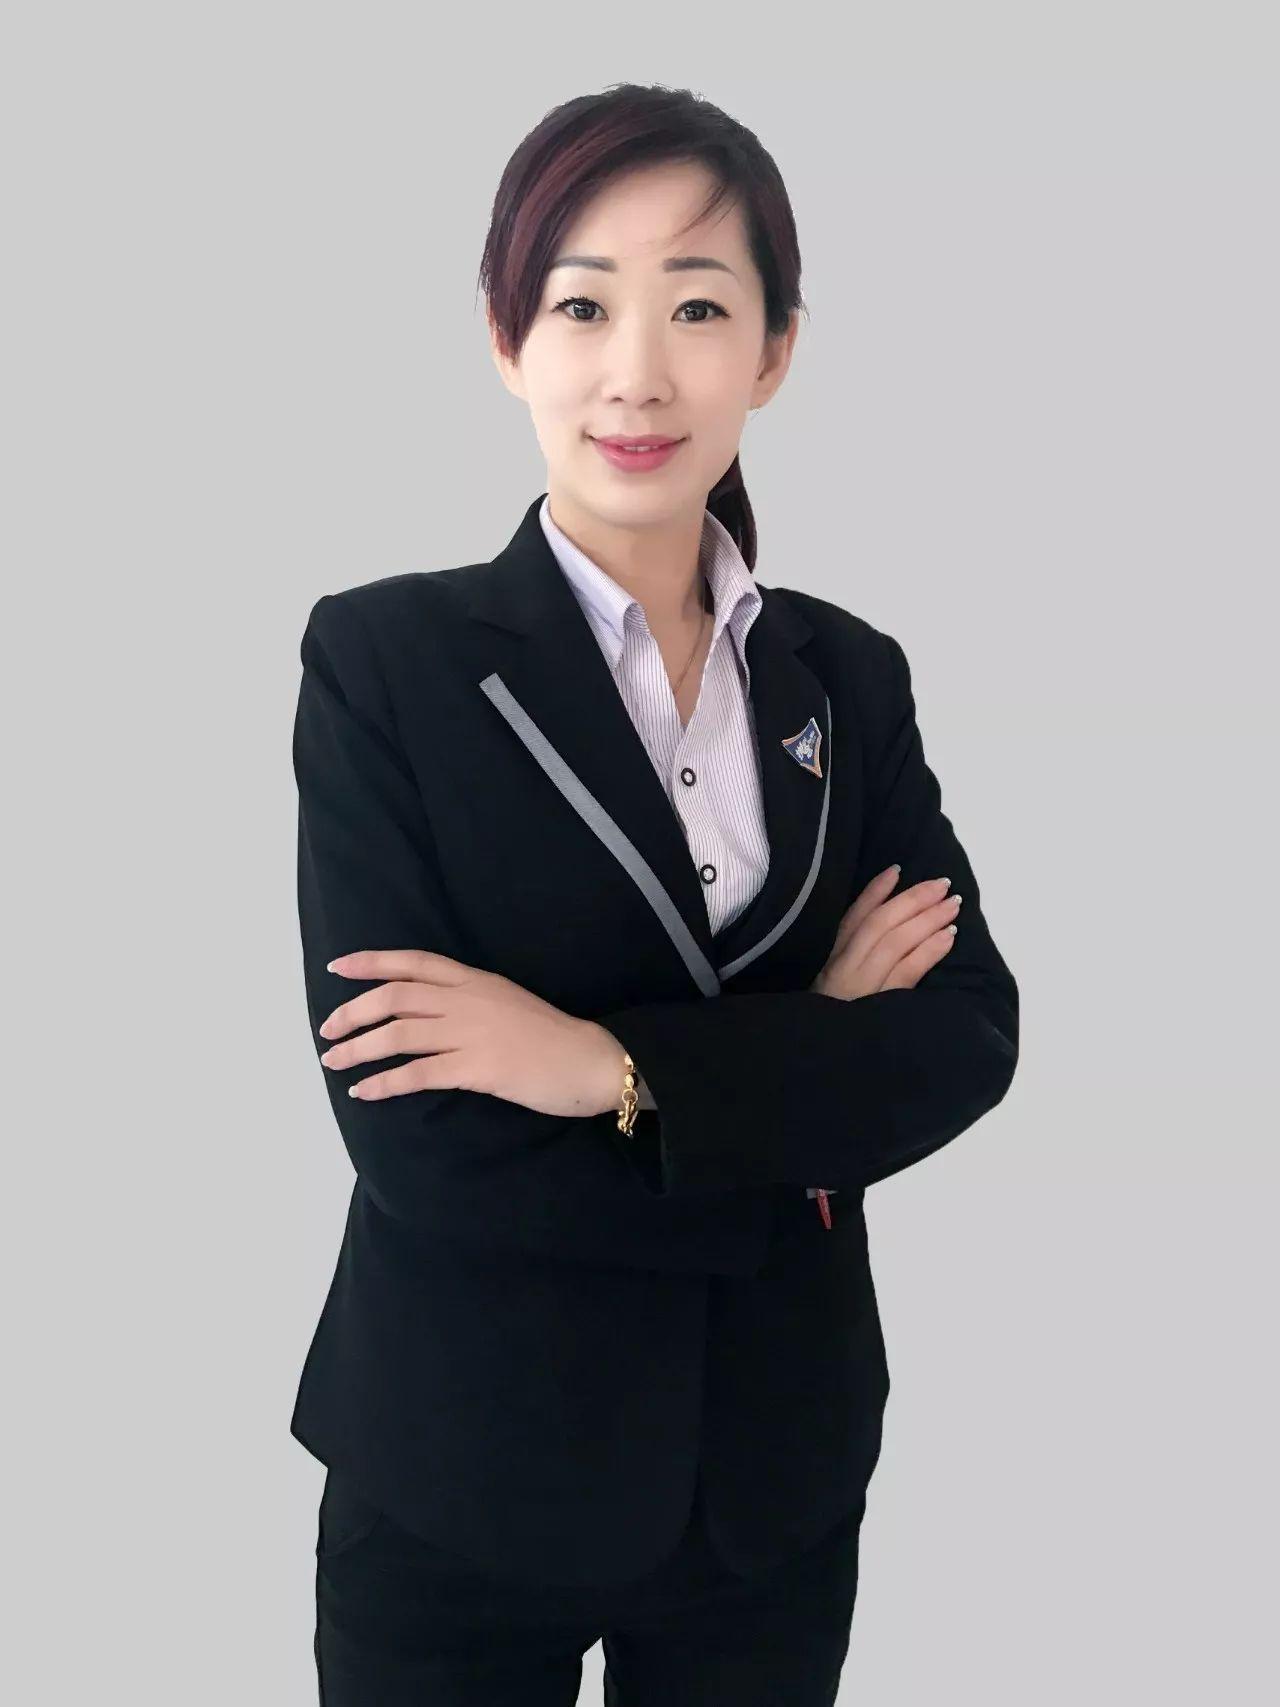 赵一婷:第二届百万俱乐部会员,碧海二组店经理